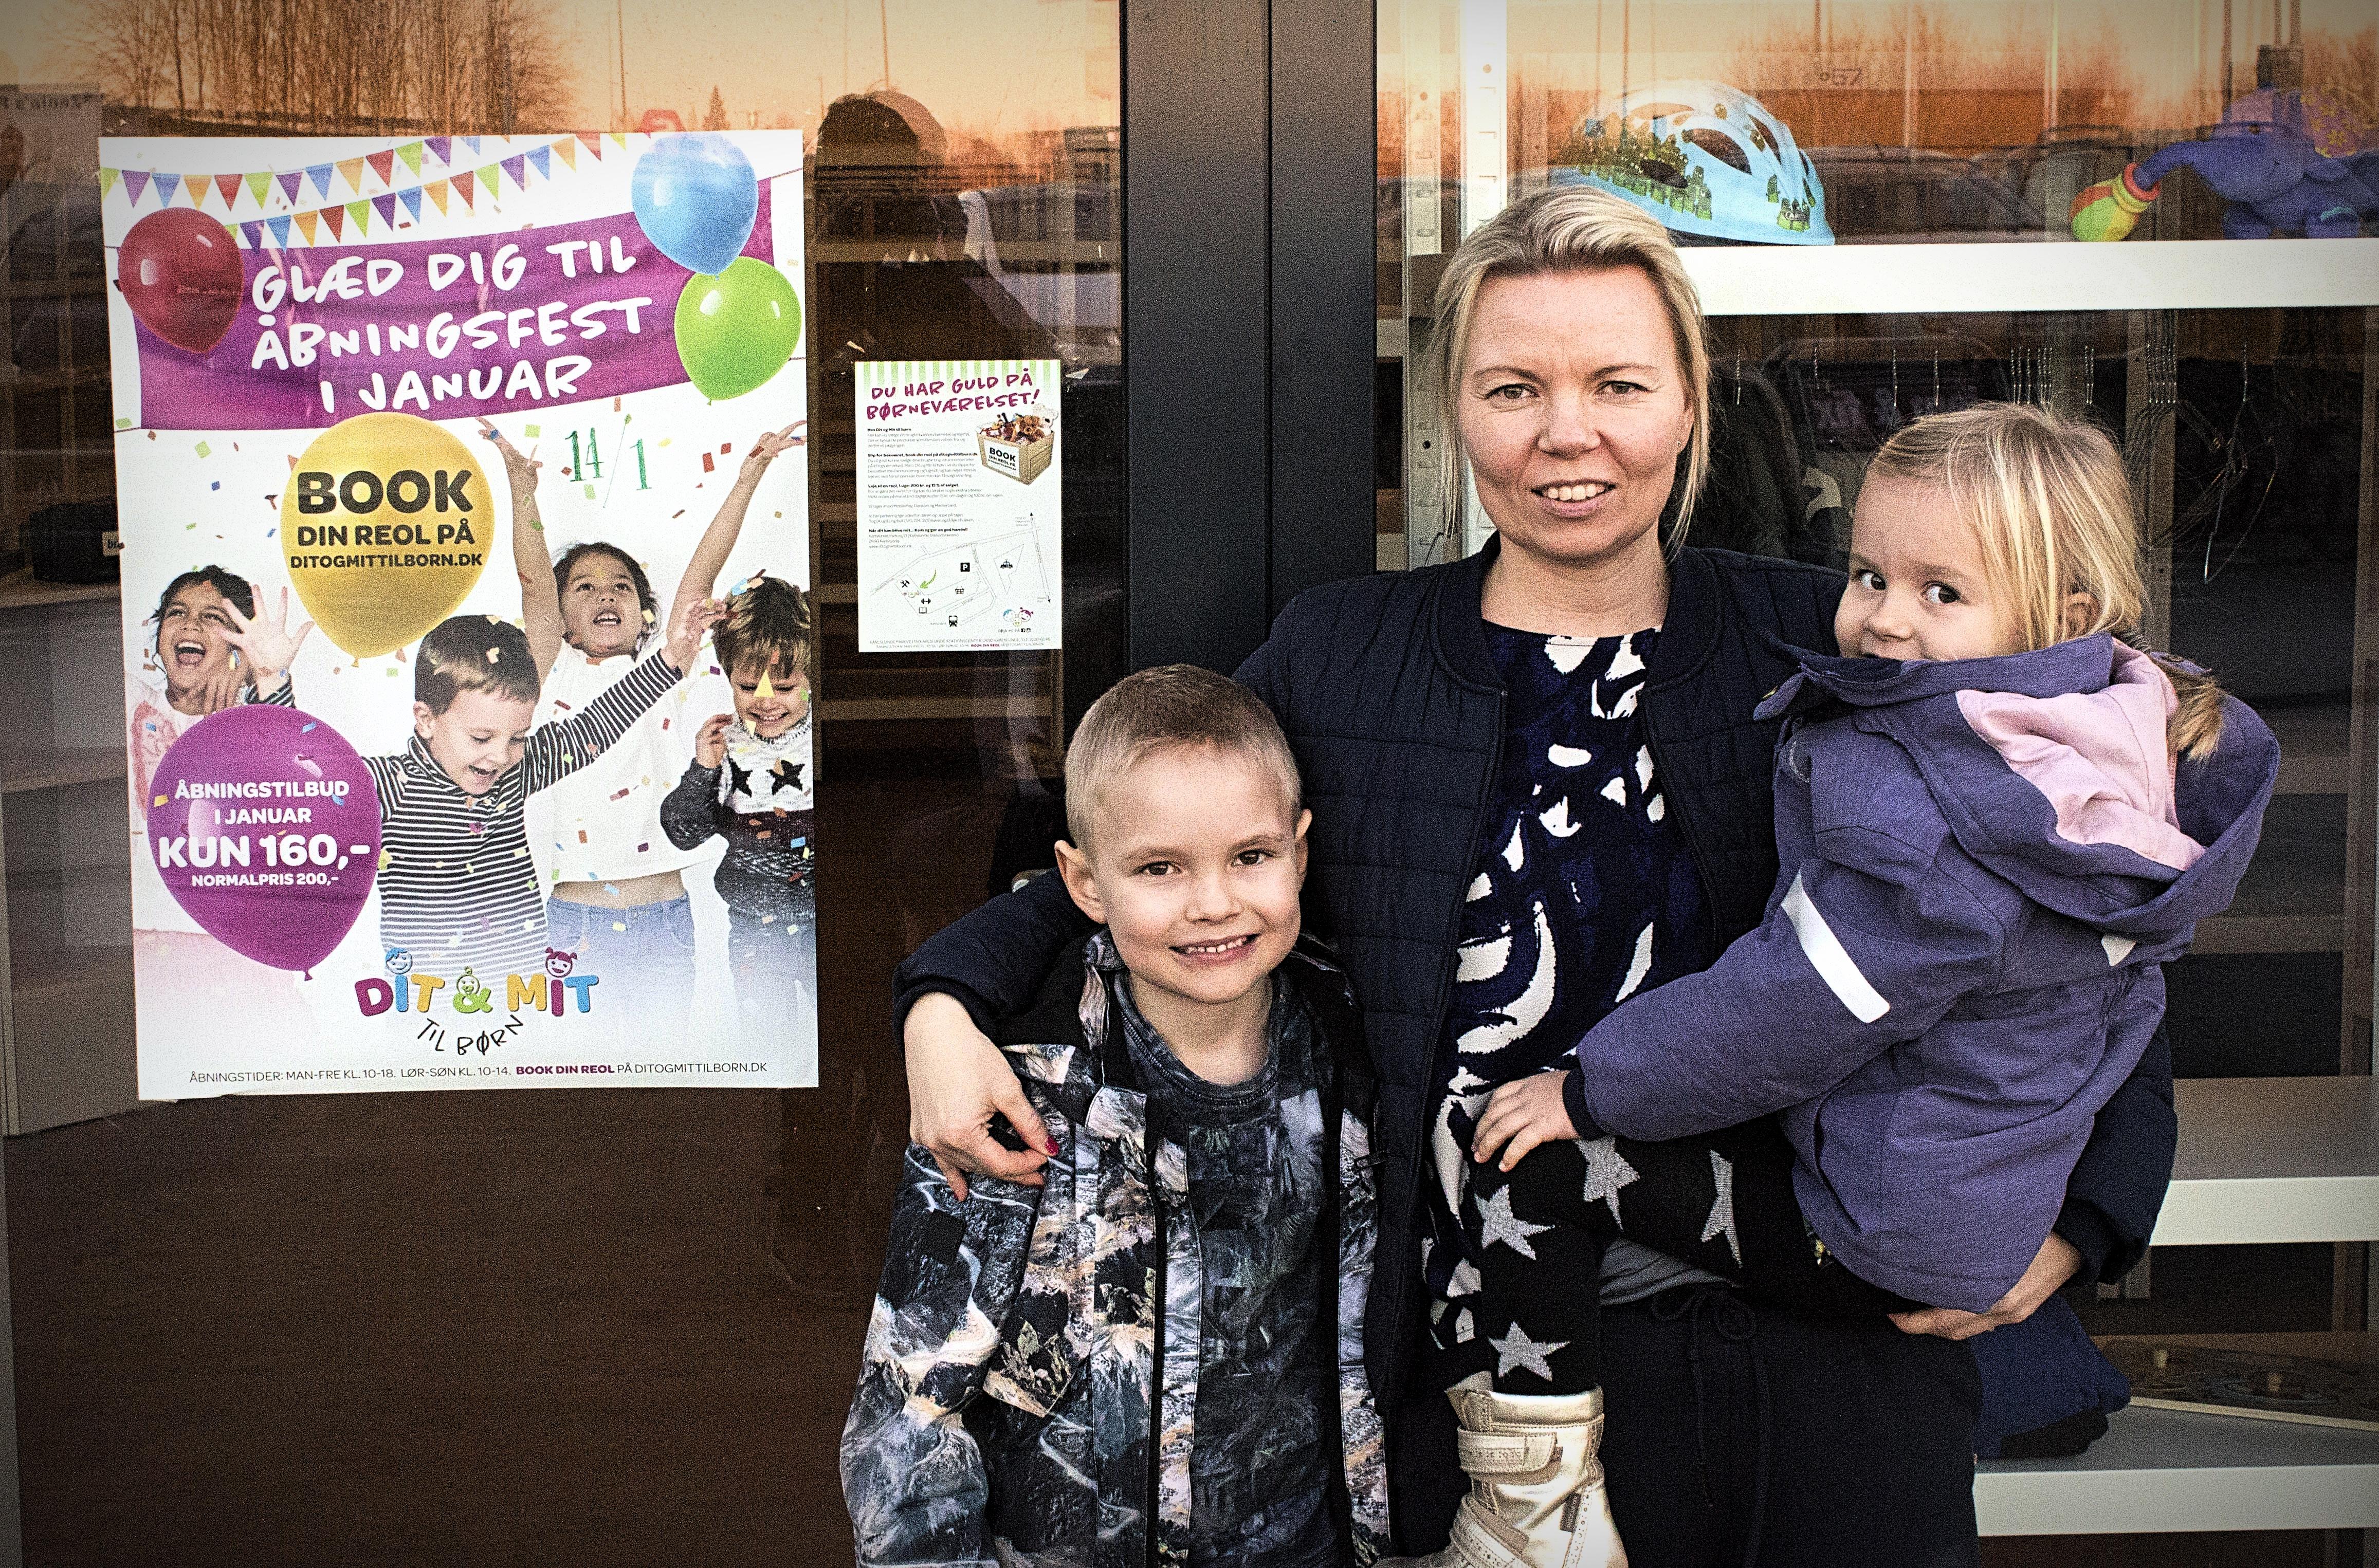 """""""Dit & Mit til børn"""" – mor til tre bag nyt bæredygtigt koncept i Karlslunde"""